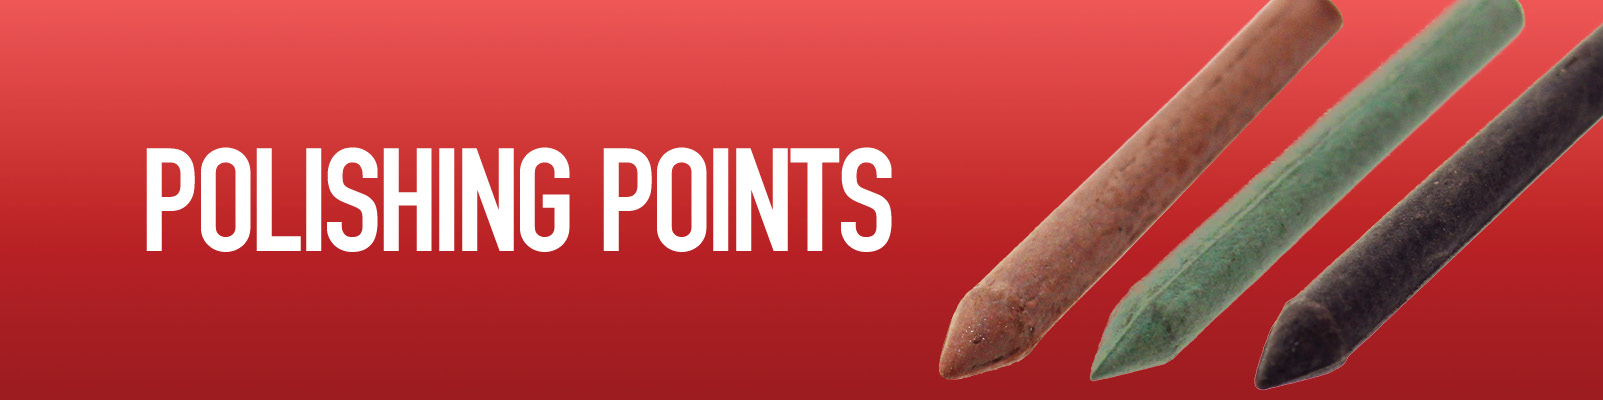 Polishing Points